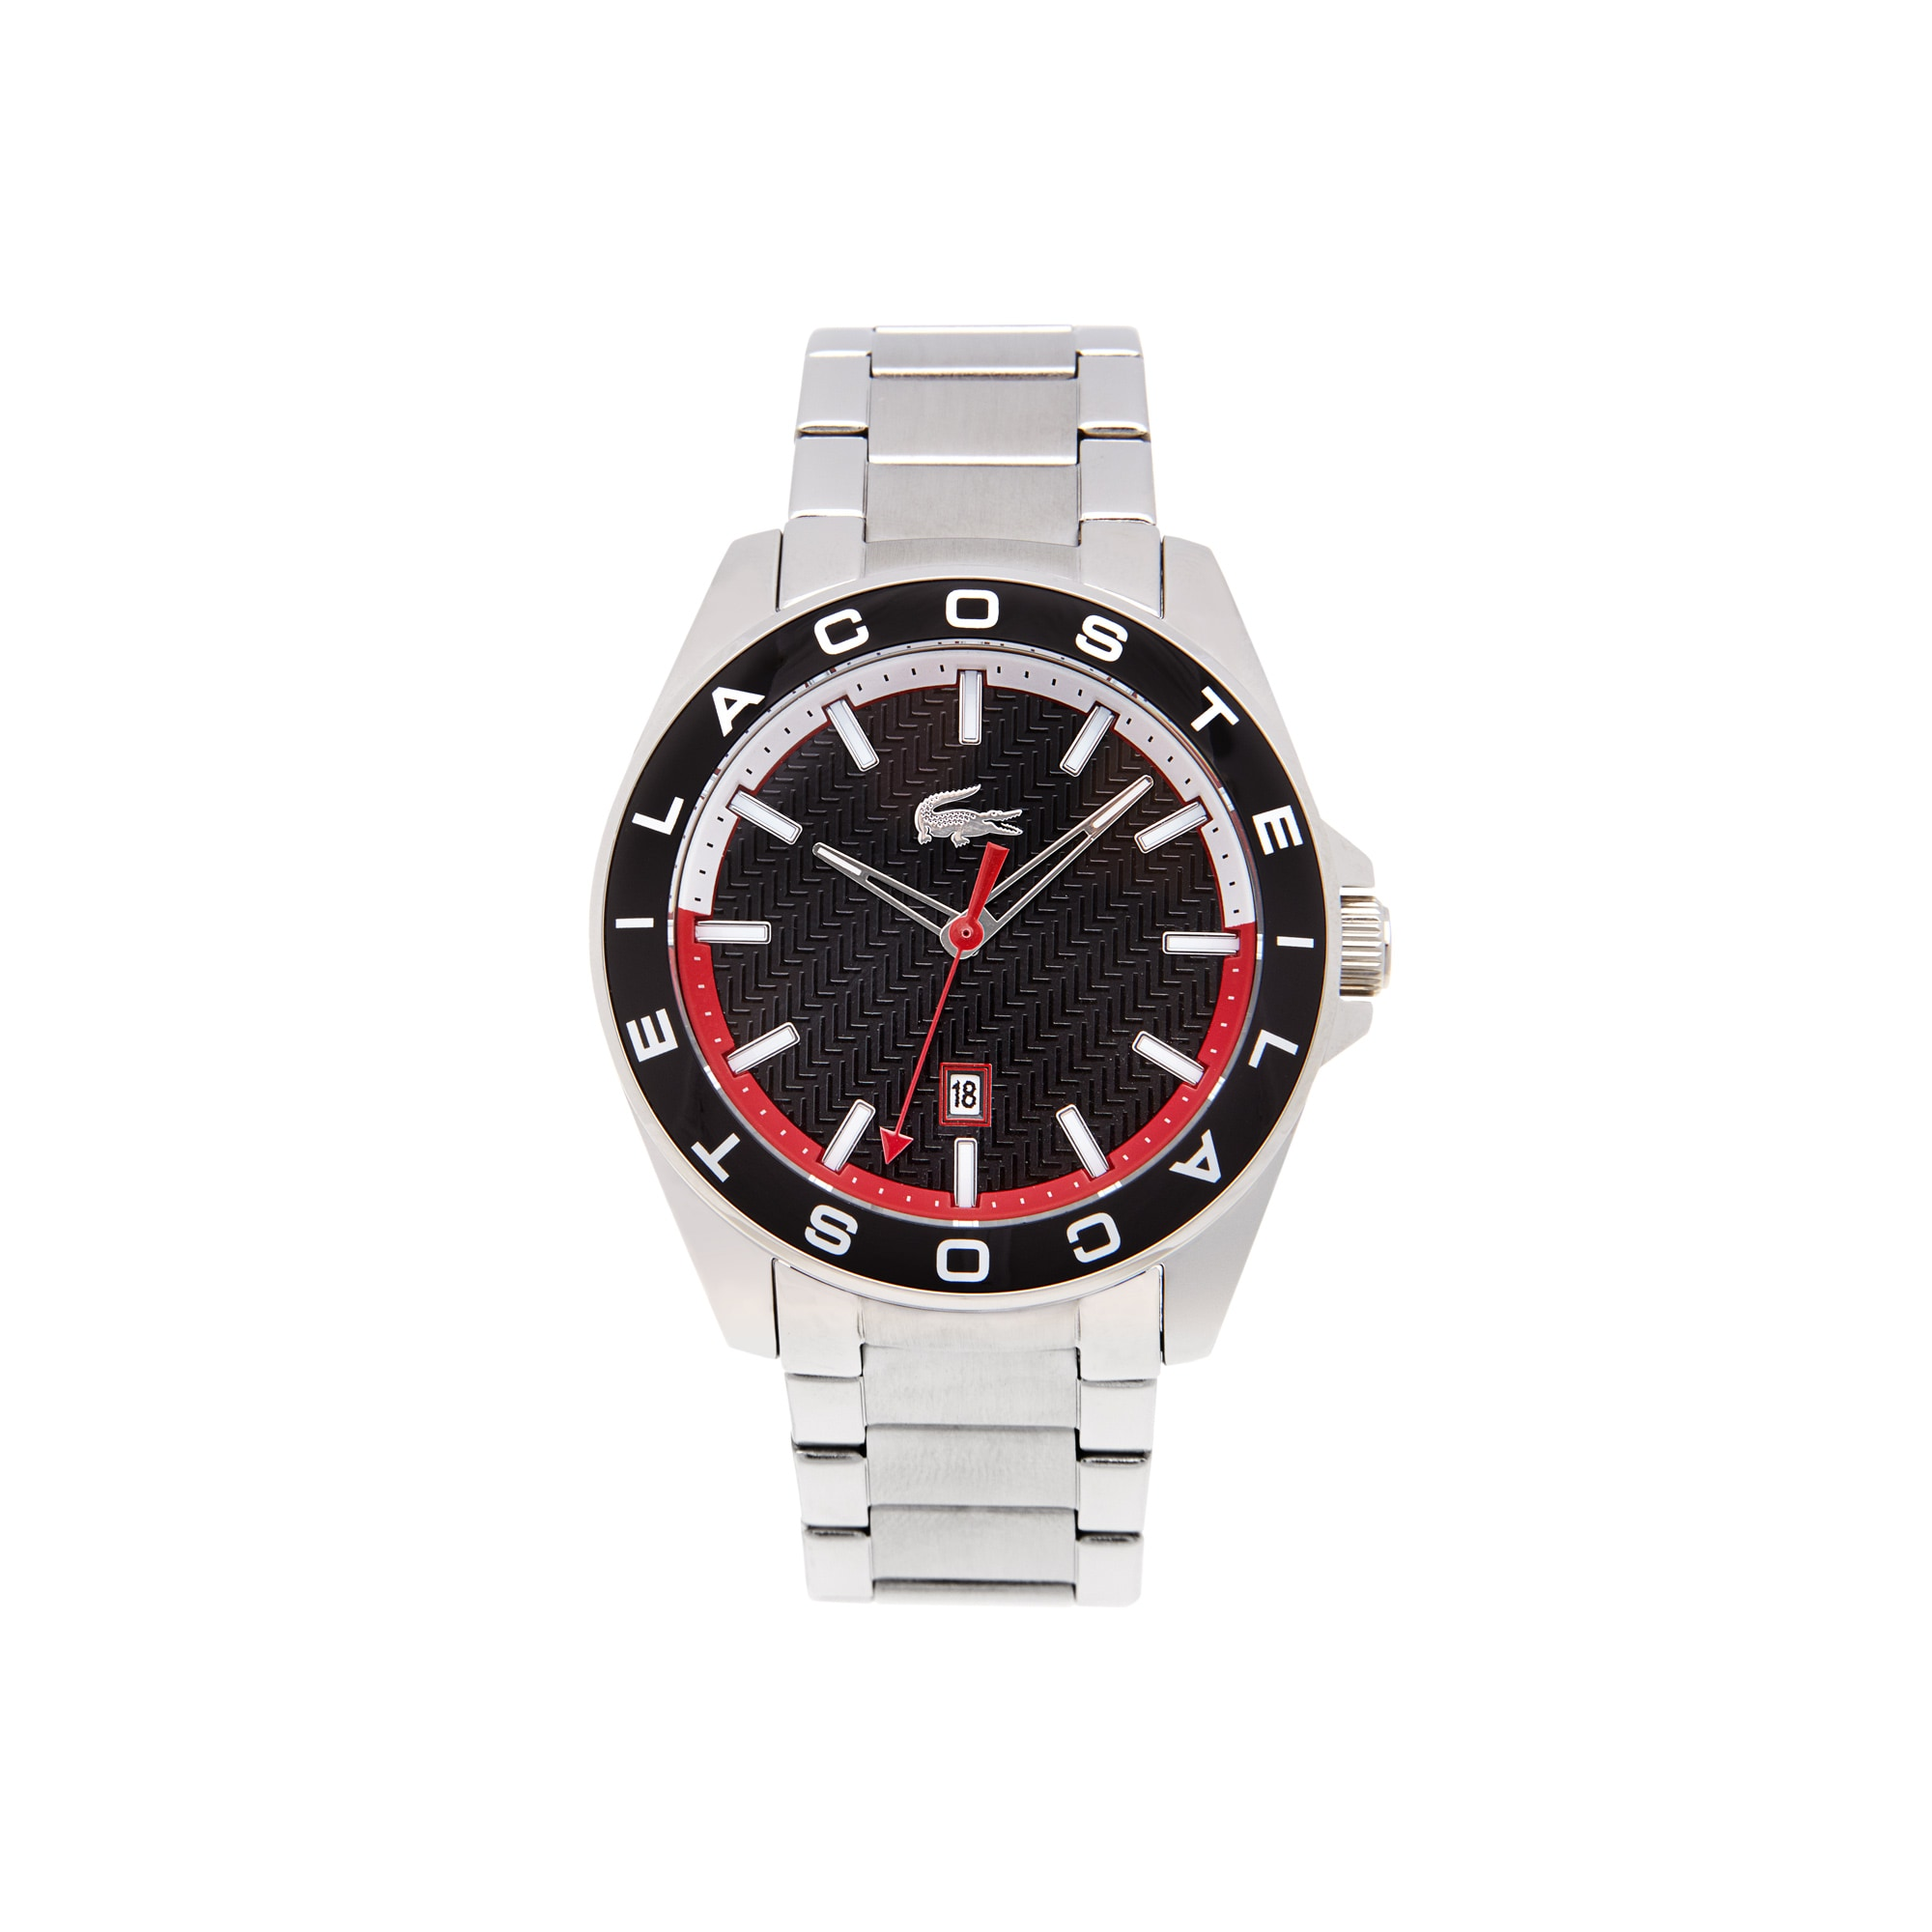 Montre Westport cadran noir - bracelet acier inoxydable